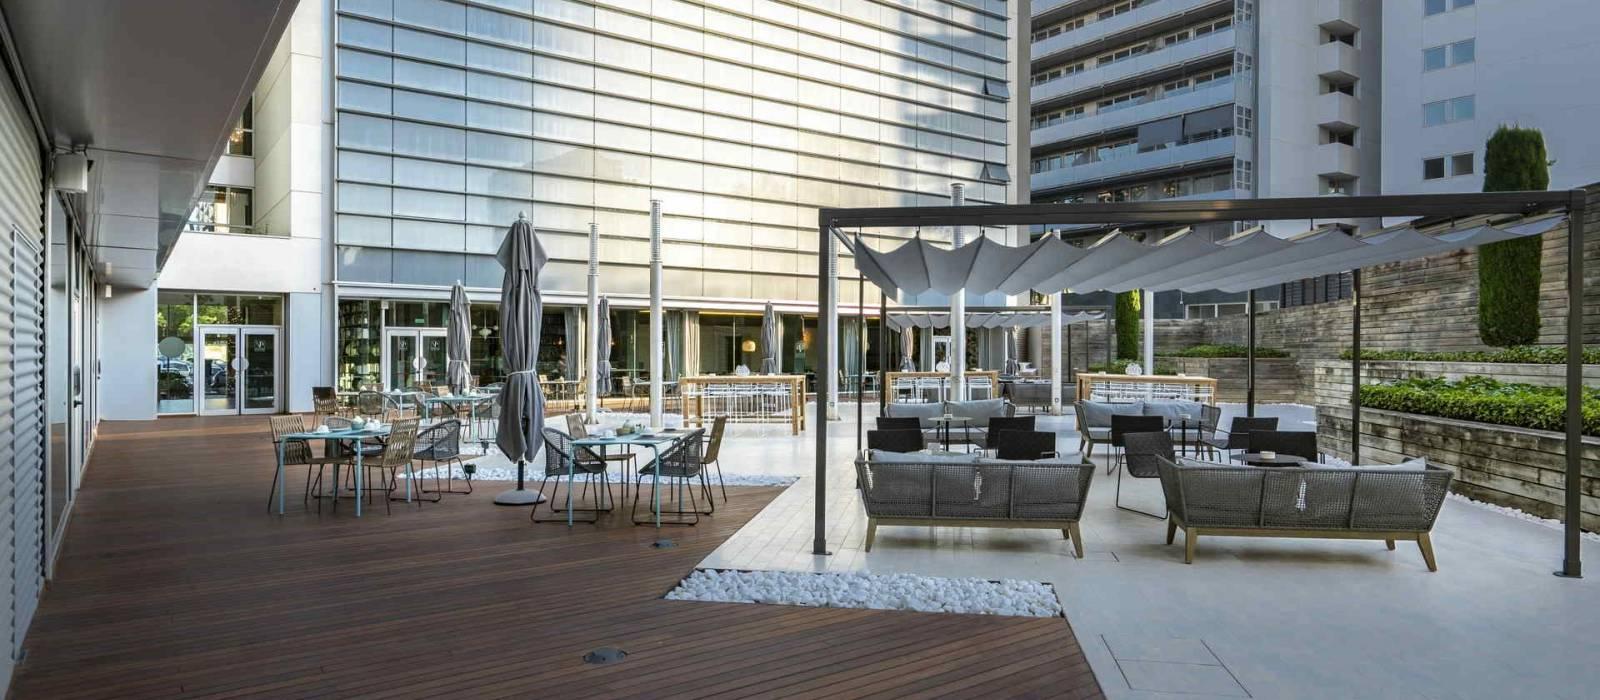 Hotel Vincci Barcelona Maritime Services 2 - Terrazza Jardí de Mar